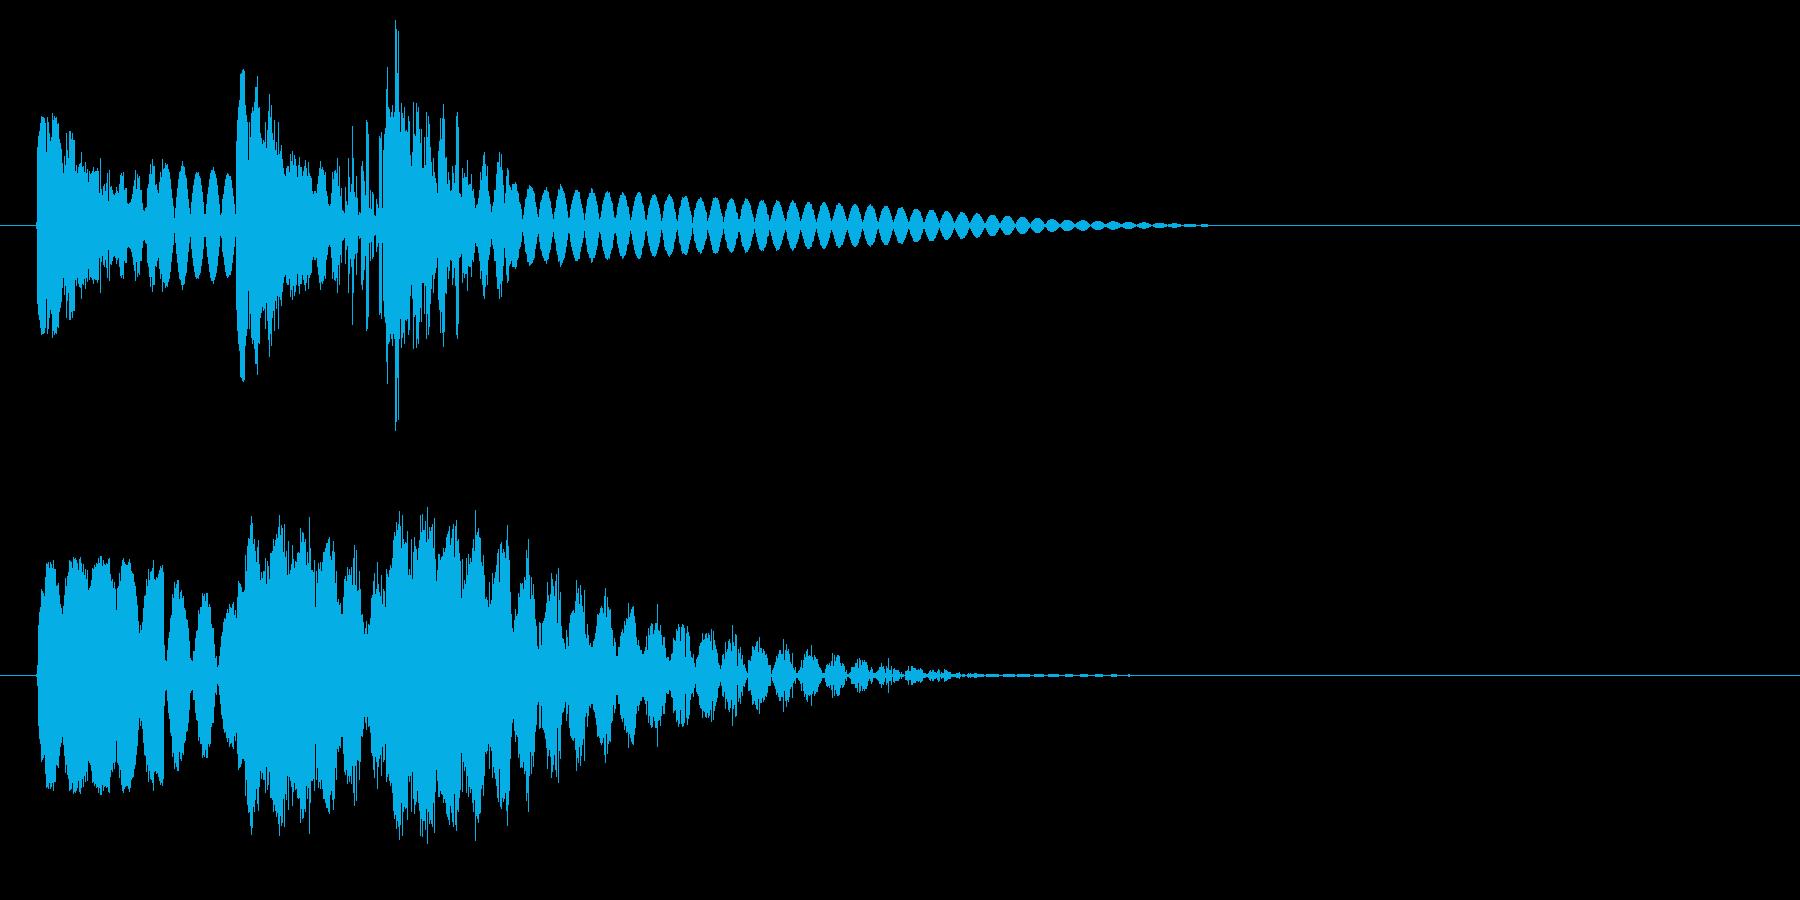 ビュビュビュン 射撃音 ゲームなどの再生済みの波形